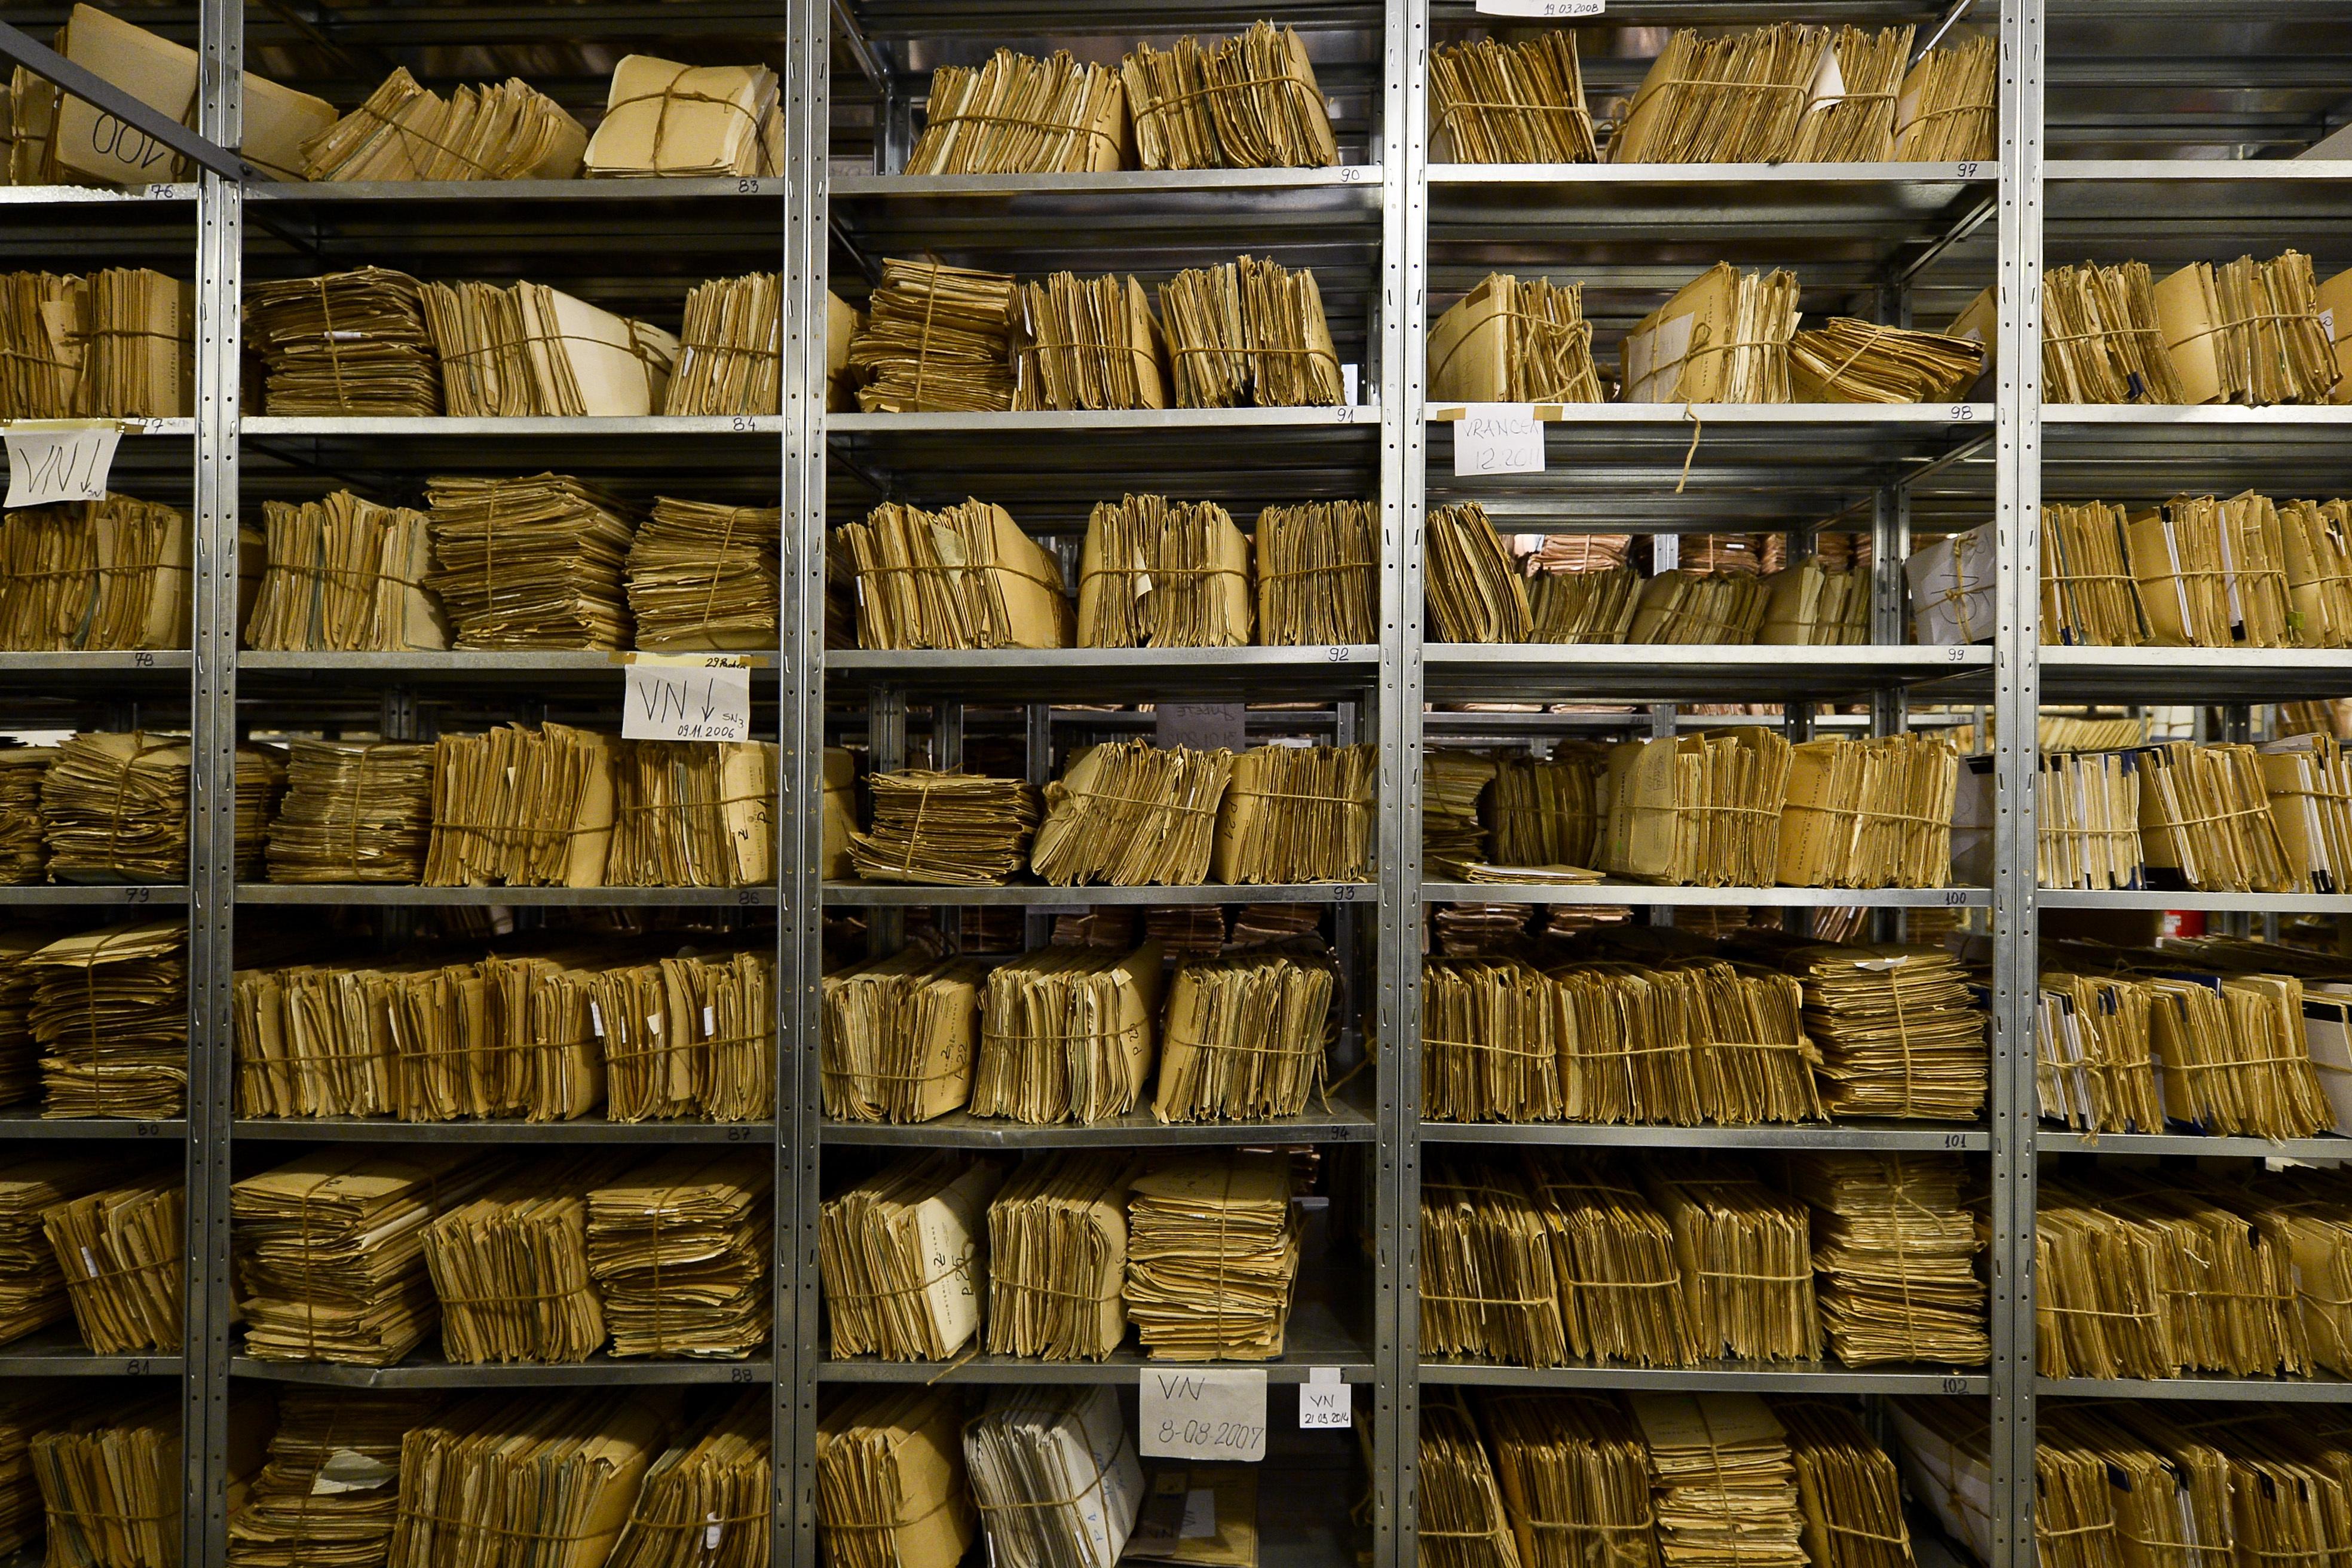 Mirel Curea, în Comisia SIPA: Nişte avocaţi au fost şantajaţi cu informaţii din arhivă/ Dan Andronic, la Comisia SIPA: Au fost copiate 3000 de pagini din arhivă